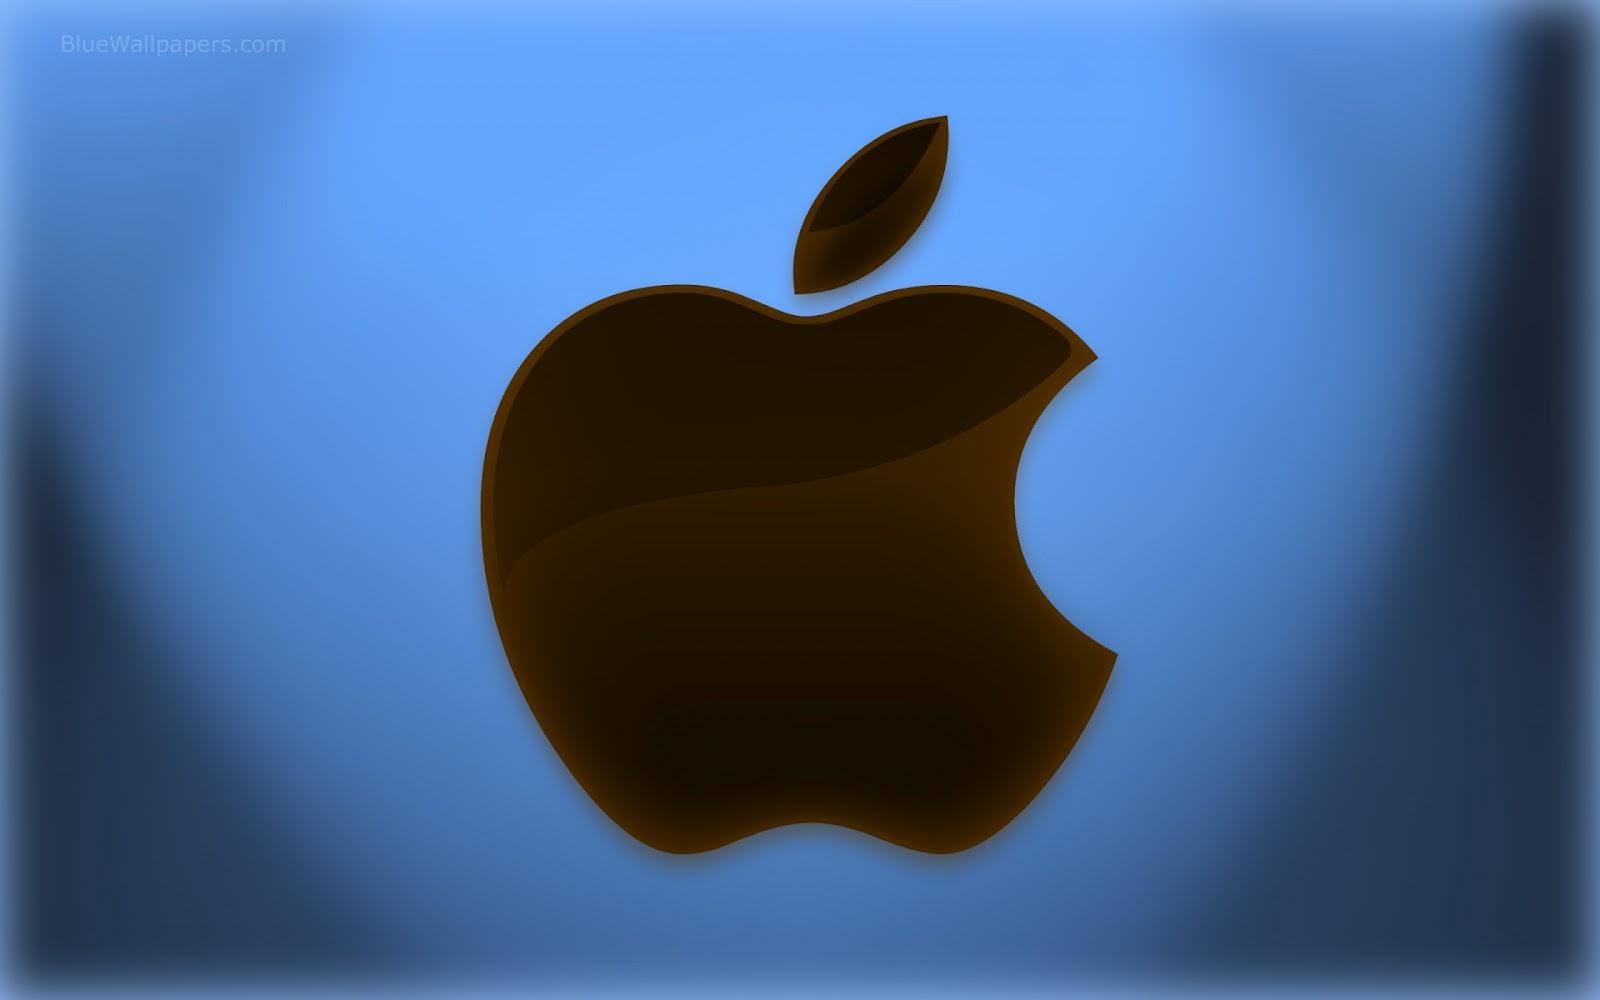 neredine: mobile full hd apple wallpapers, apple latest full hd